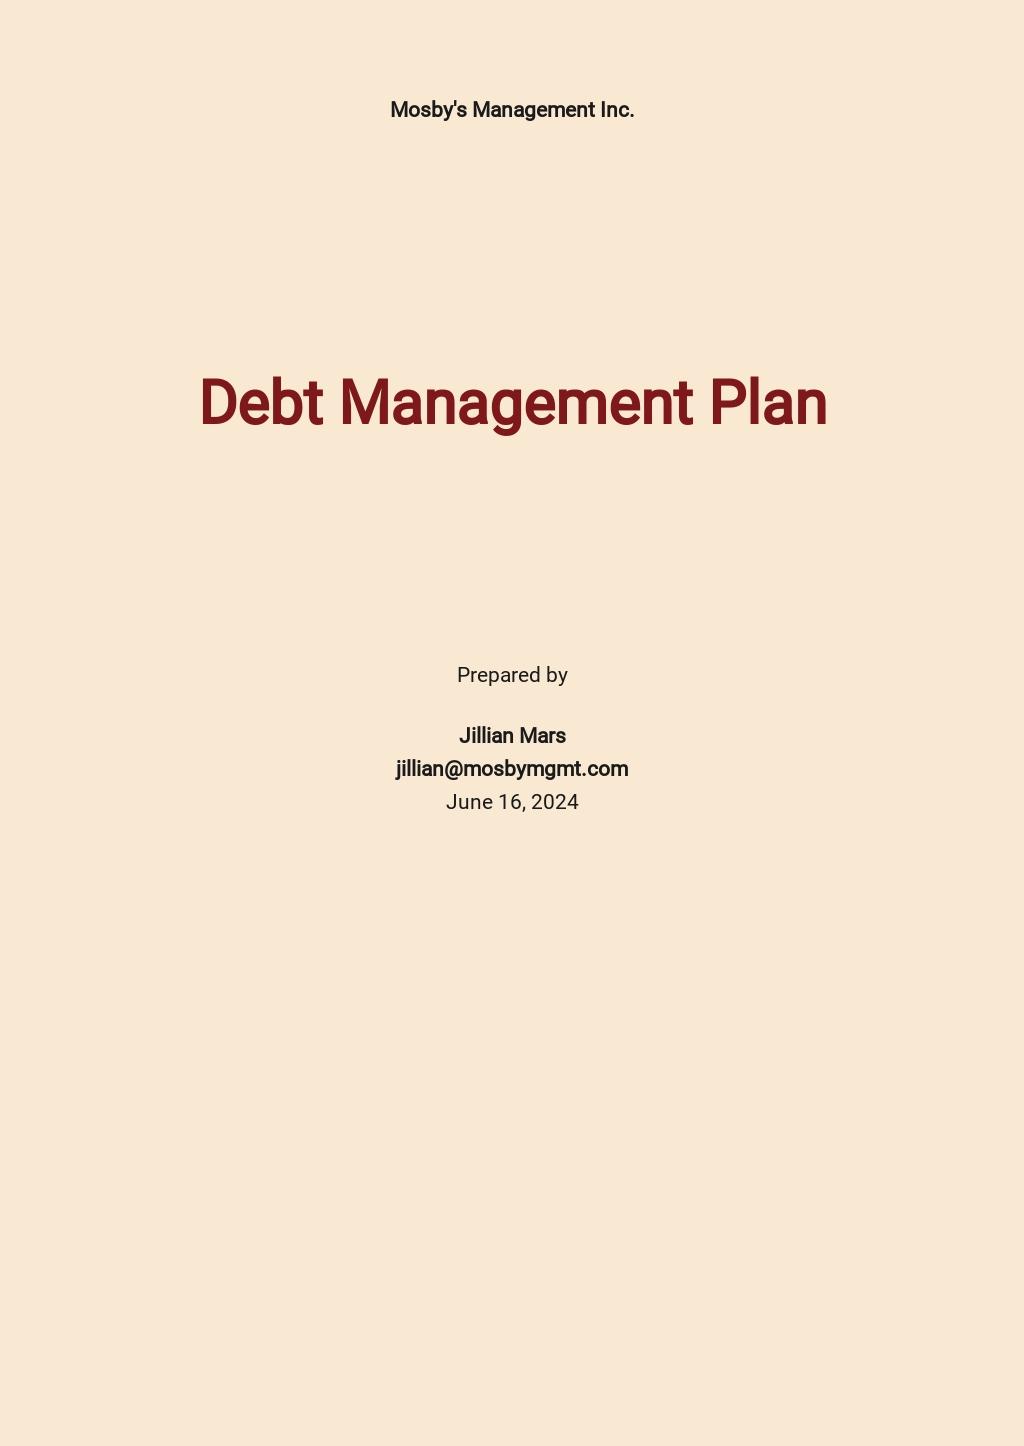 Debt Management Plan Template.jpe